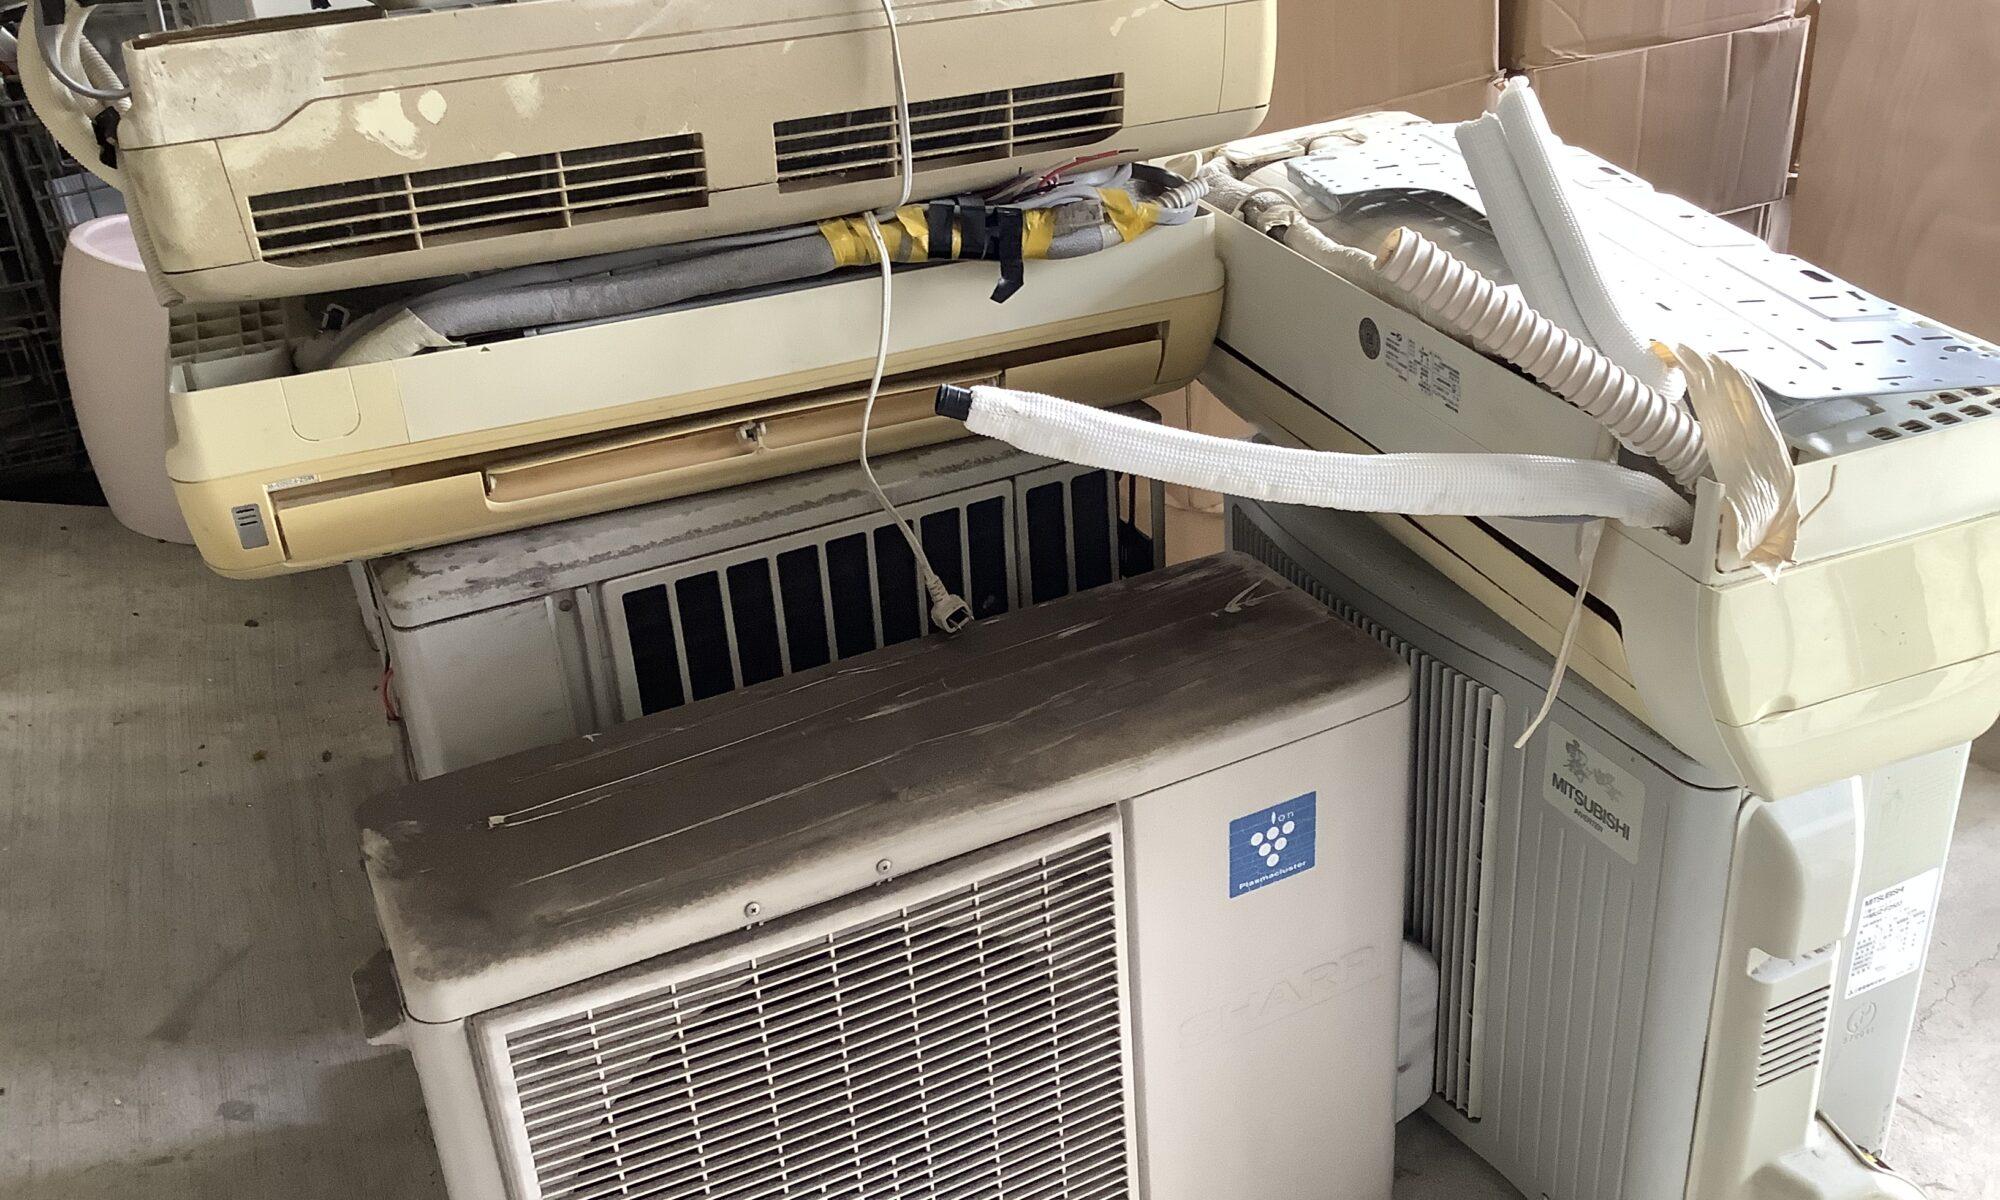 福山市曙町で回収したエアコン3台